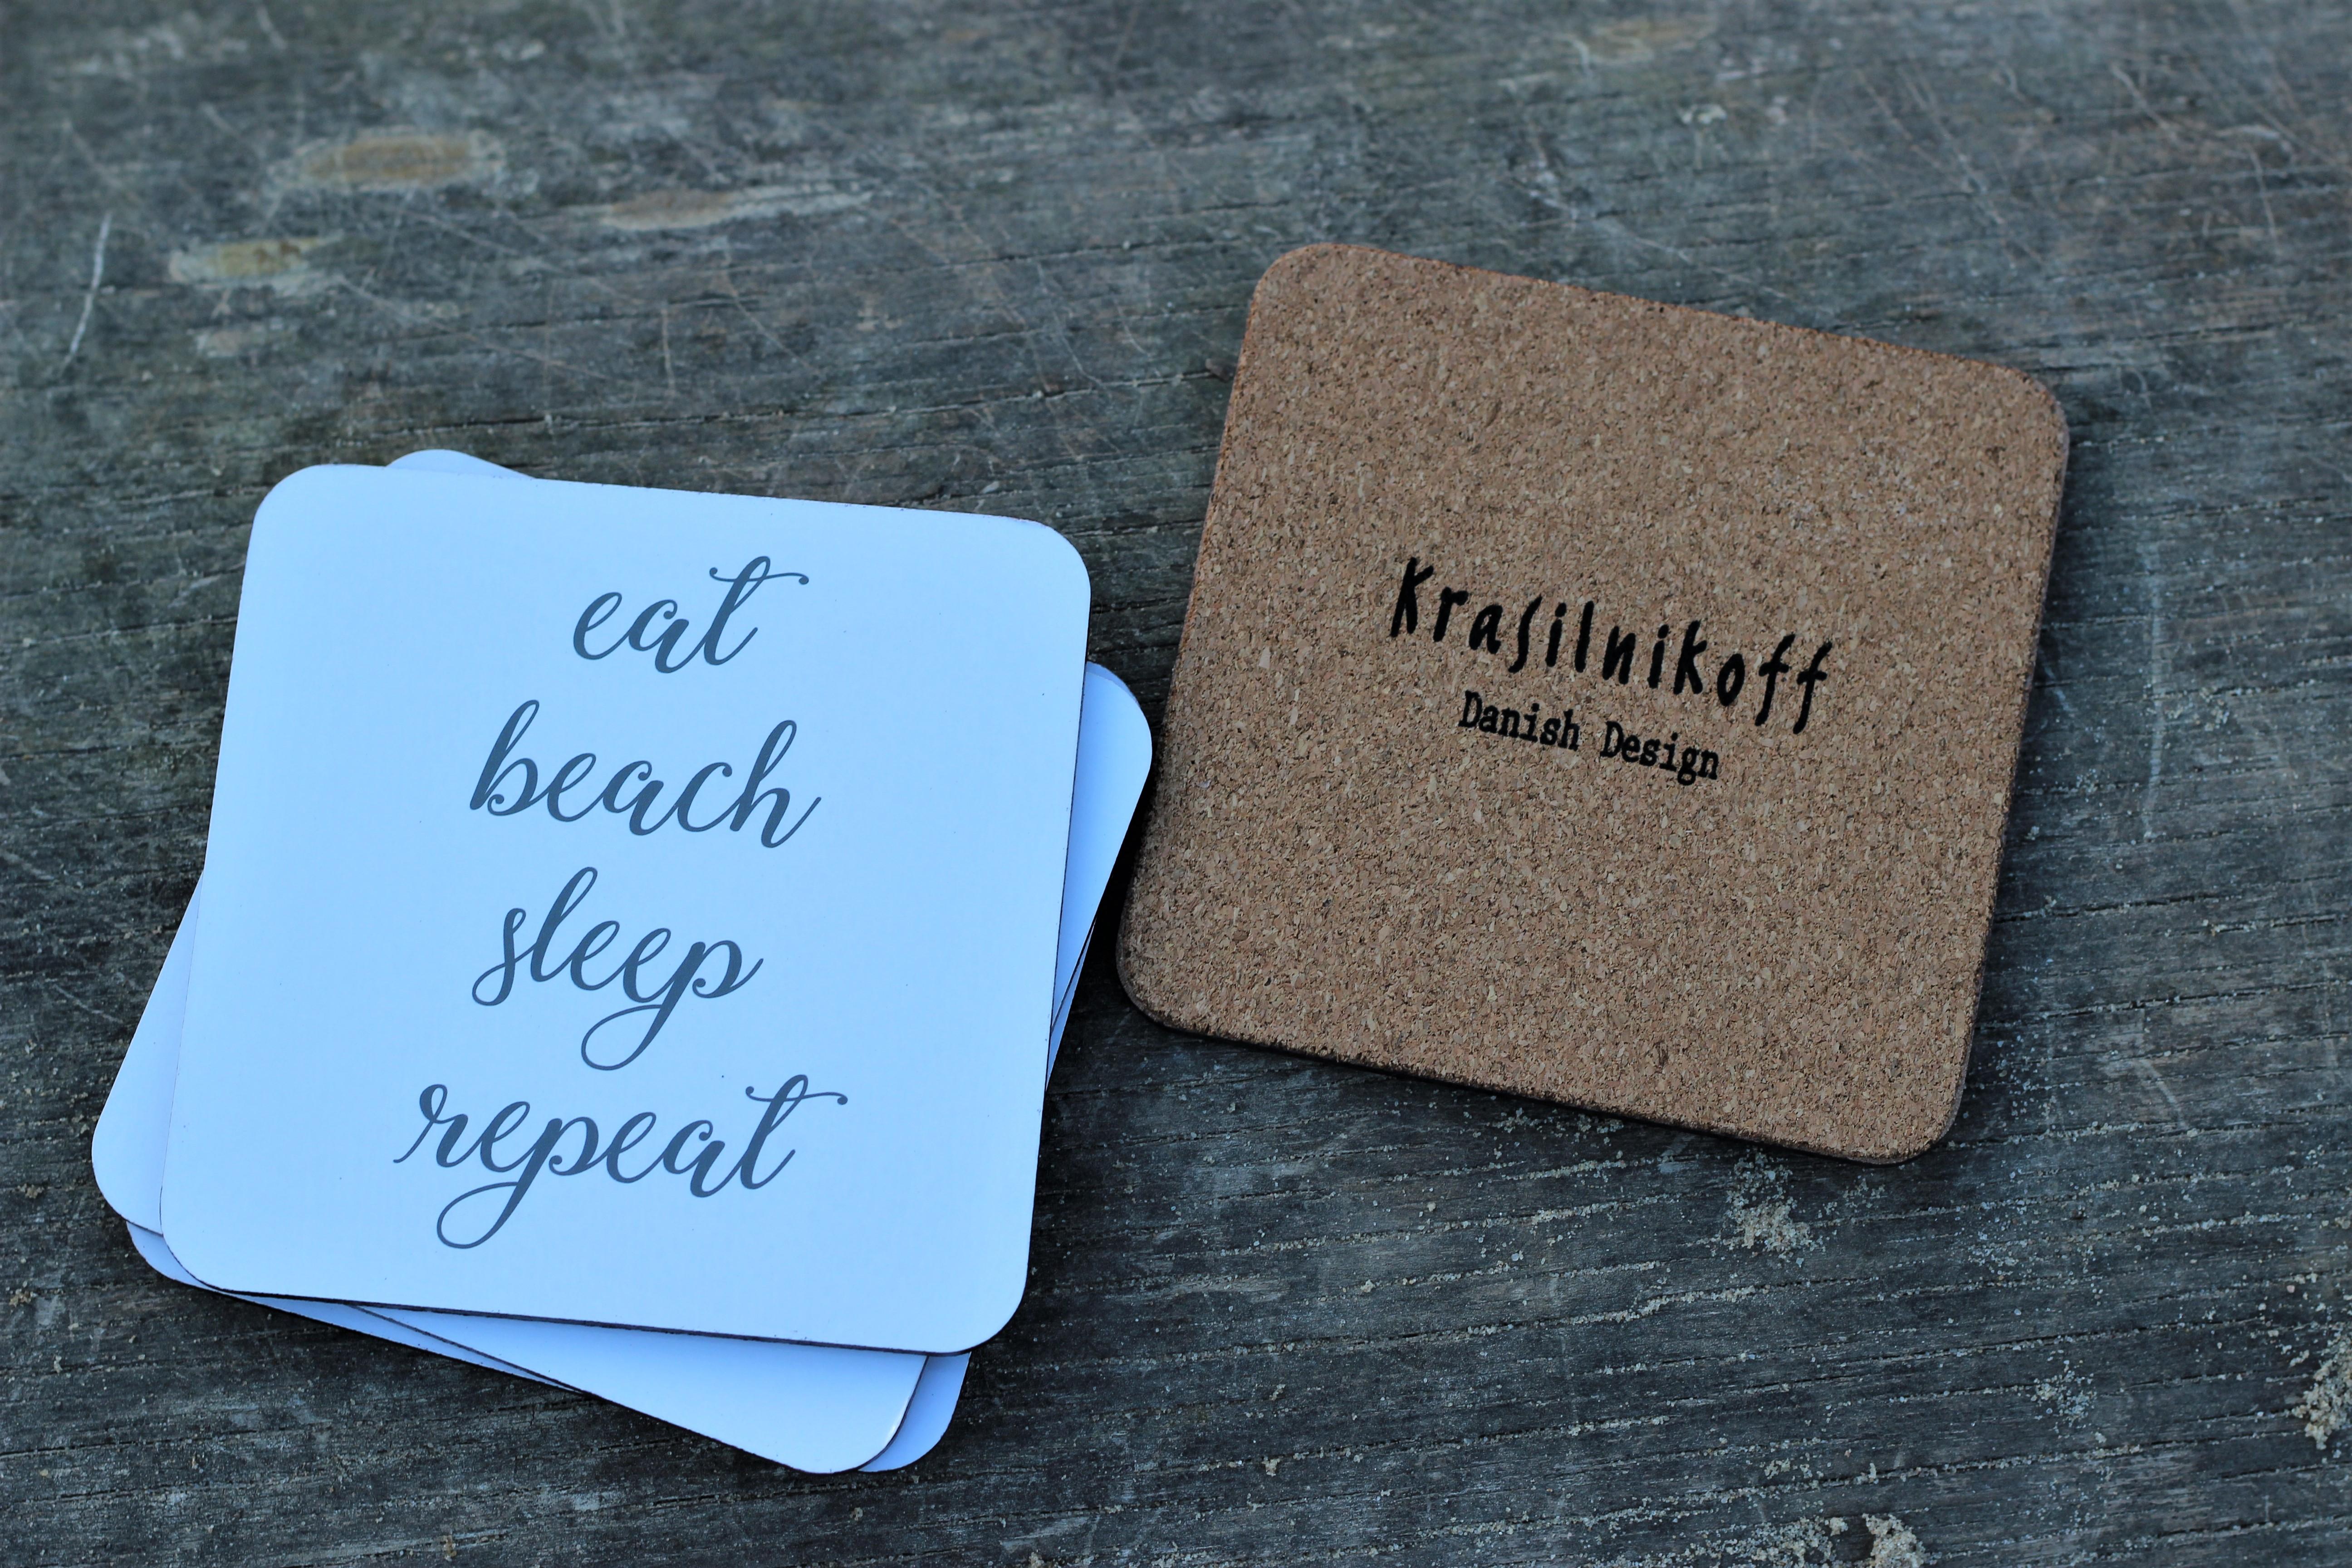 Nützlichküchenaccessoires - Untersetzer aus Kork eat beach sleep repeat 105cm Krasilnikoff - Onlineshop Tante Emmer